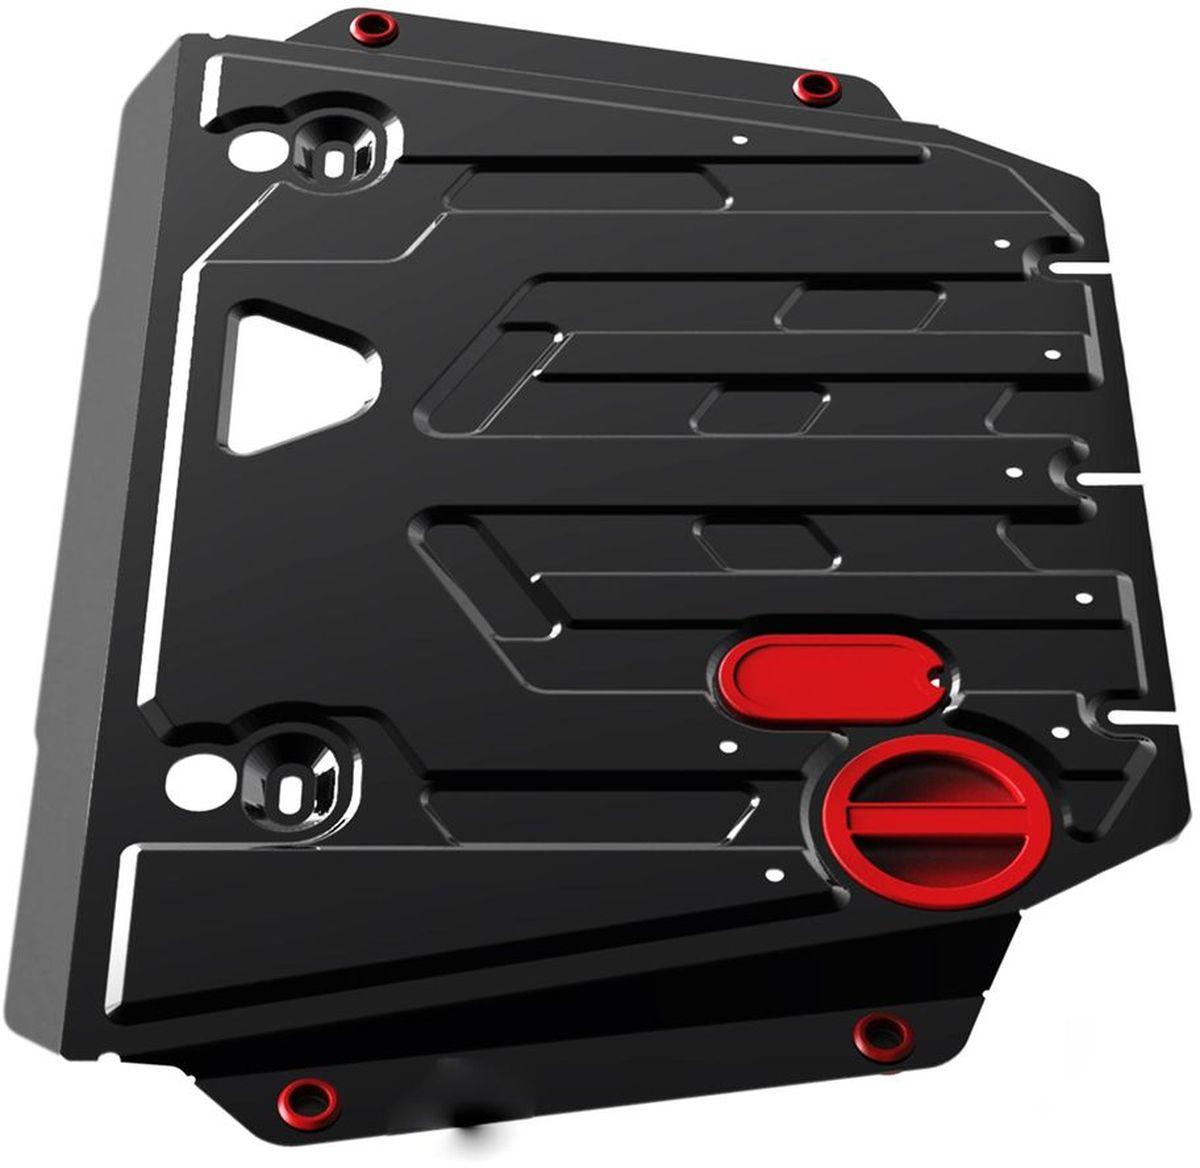 Защита картера и КПП Автоброня, для Cadillac SRX II V - 3,0 (2010-)111.00805.1Технологически совершенный продукт за невысокую стоимость. Защита разработана с учетом особенностей днища автомобиля, что позволяет сохранить дорожный просвет с минимальным изменением. Защита устанавливается в штатные места кузова автомобиля. Глубокий штамп обеспечивает до двух раз больше жесткости в сравнении с обычной защитой той же толщины. Проштампованные ребра жесткости препятствуют деформации защиты при ударах. Тепловой зазор и вентиляционные отверстия обеспечивают сохранение температурного режима двигателя в норме. Скрытый крепеж предотвращает срыв крепежных элементов при наезде на препятствие. Шумопоглощающие резиновые элементы обеспечивают комфортную езду без вибраций и скрежета металла, а съемные лючки для слива масла и замены фильтра - экономию средств и время. Конструкция изделия не влияет на пассивную безопасность автомобиля (при ударе защита не воздействует на деформационные зоны кузова). Со штатным крепежом. В комплекте инструкция по установке....